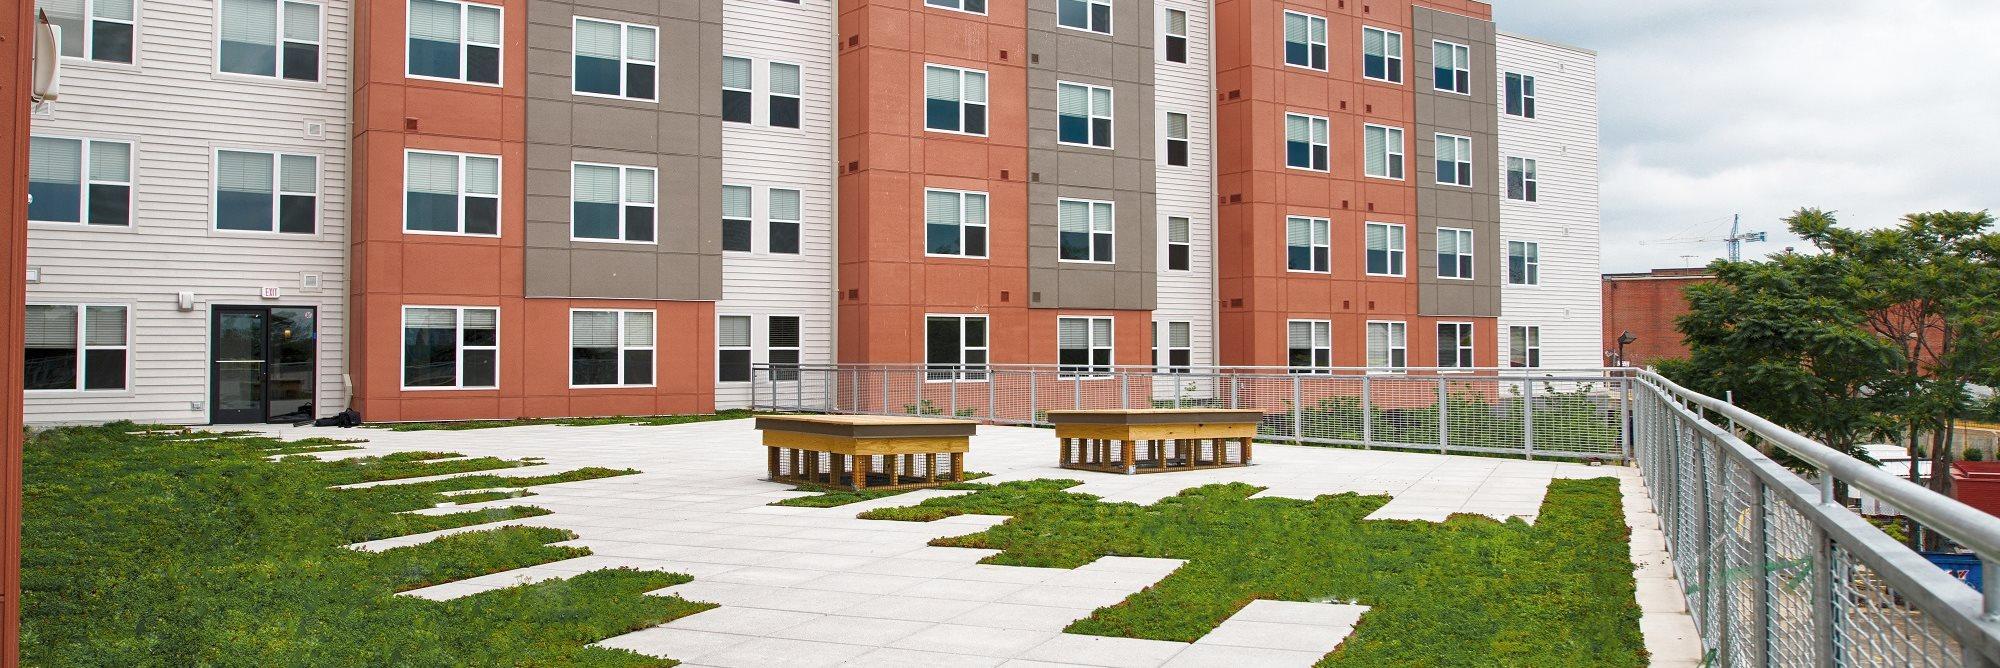 2321 4th Street Terrace